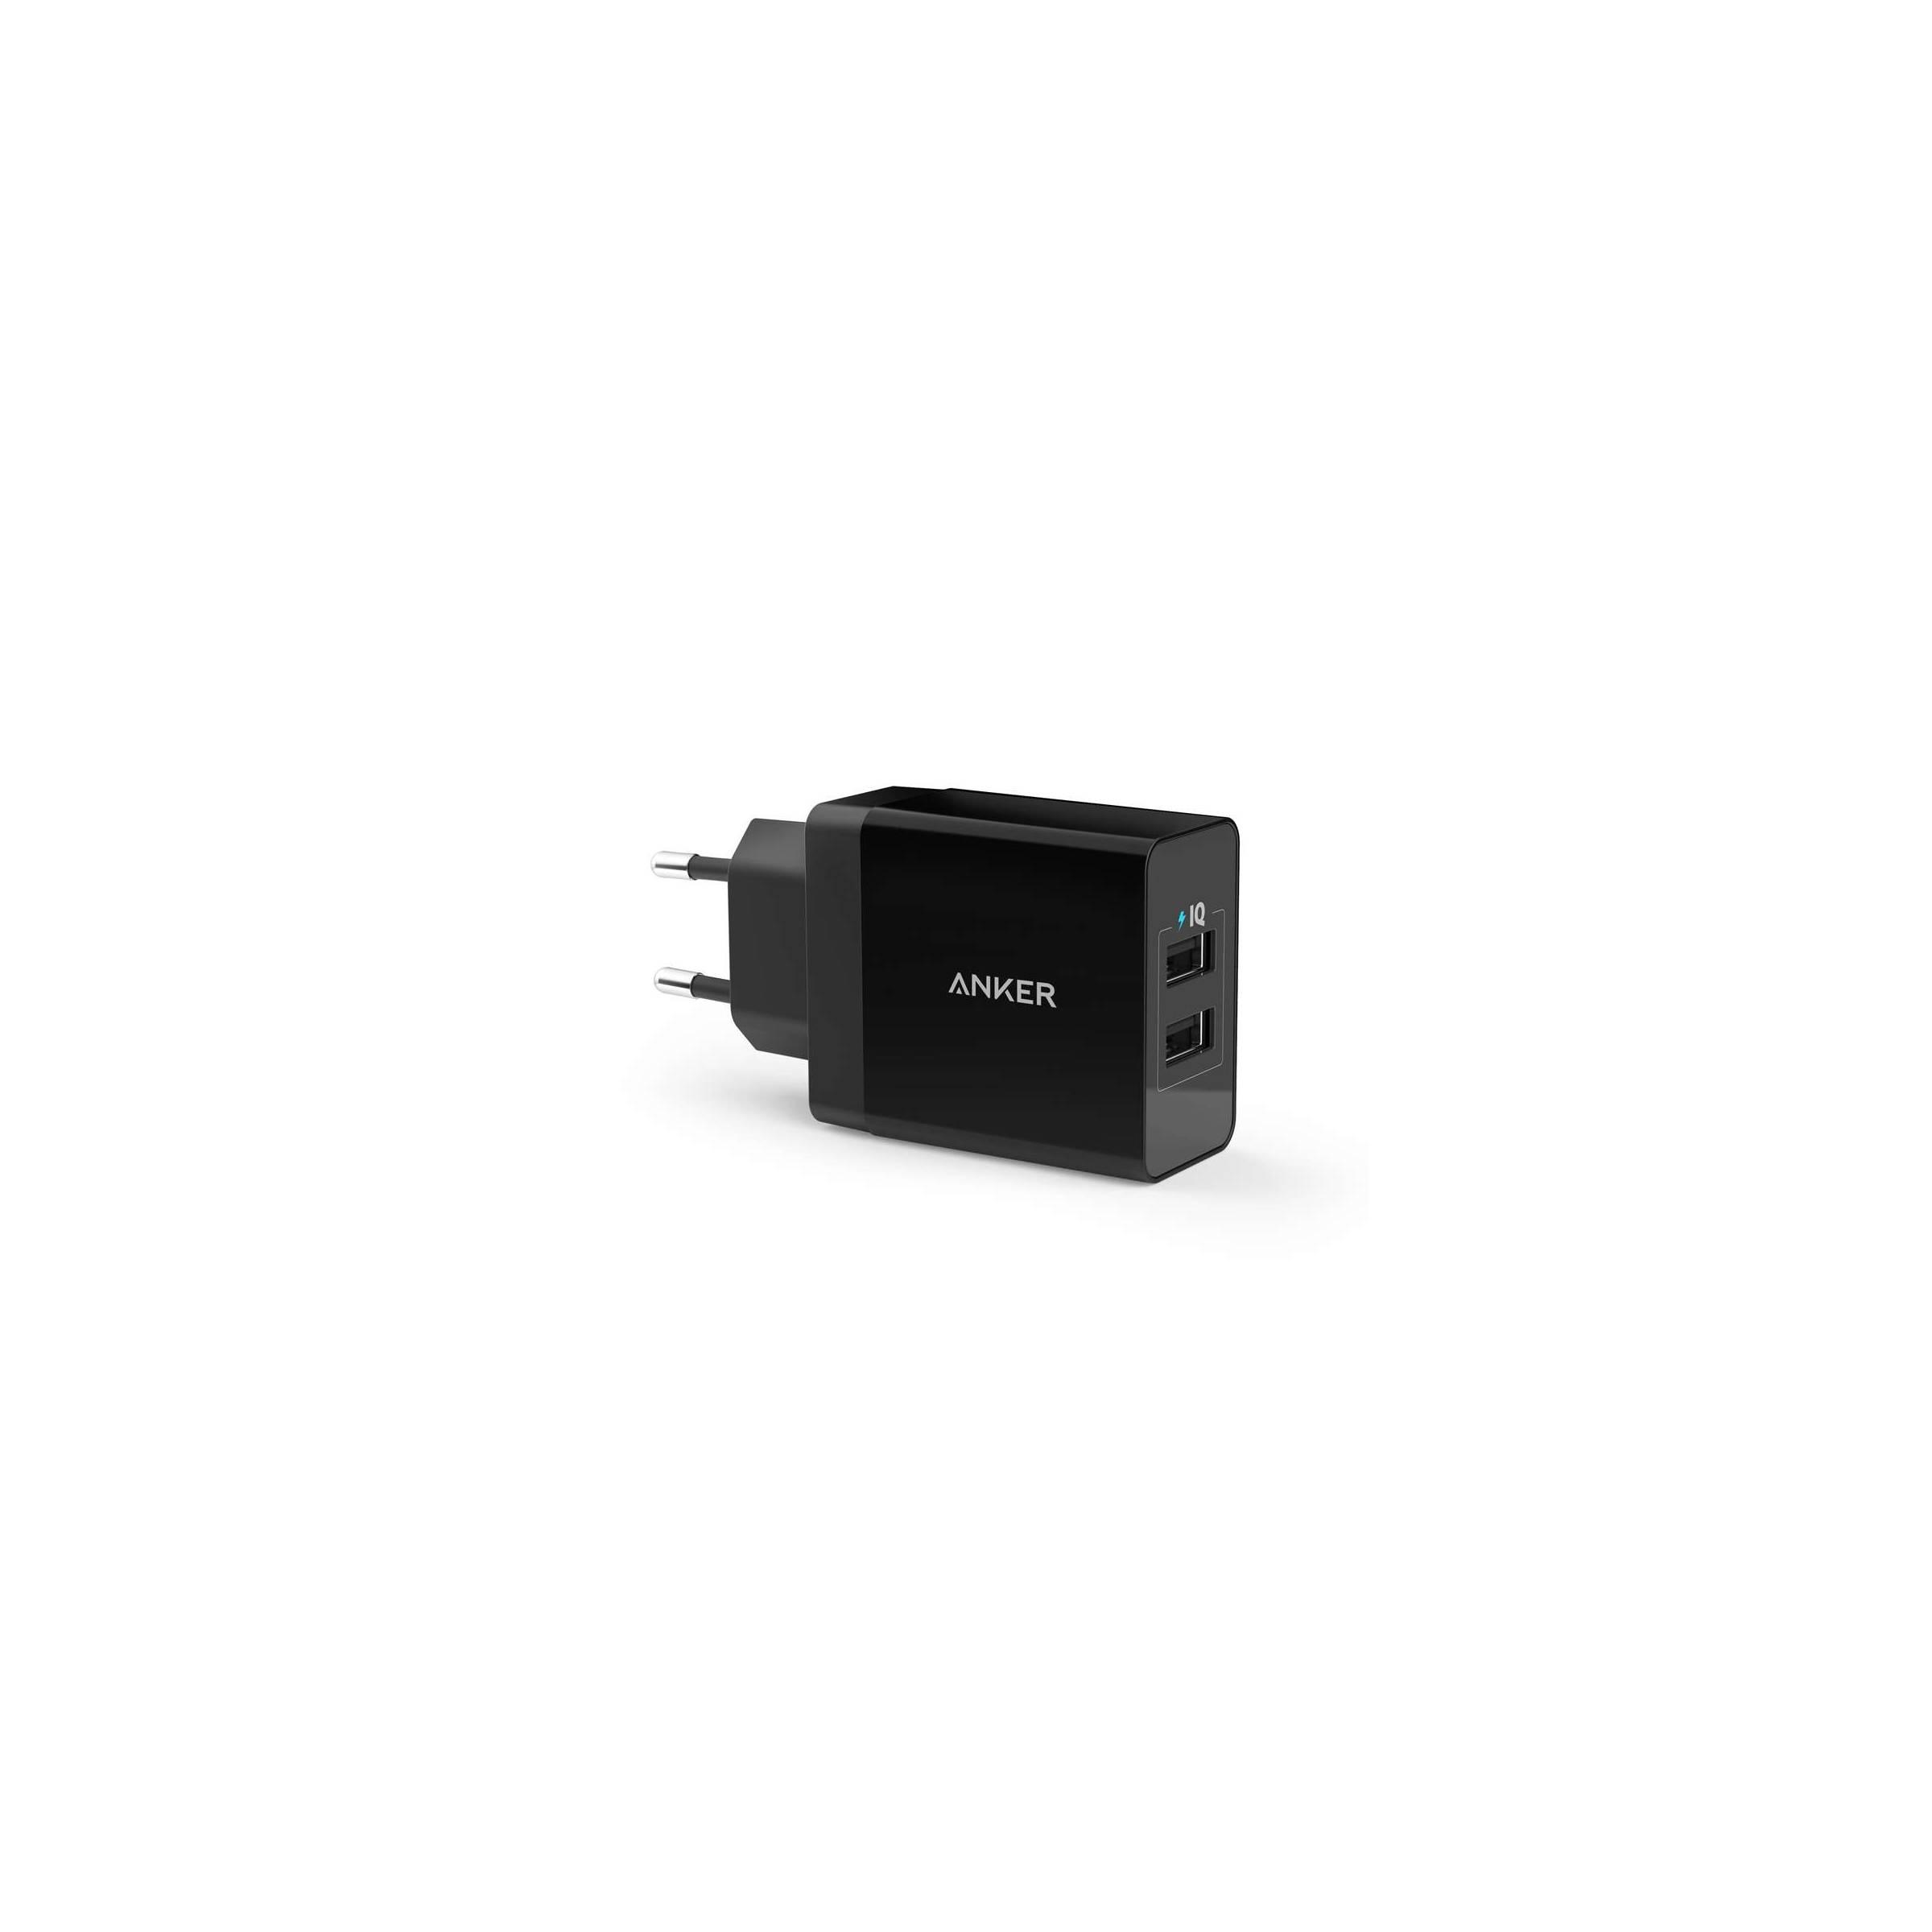 Anker 2x usb vægoplader 24w sort til ipad og iphone fra anker på mackabler.dk